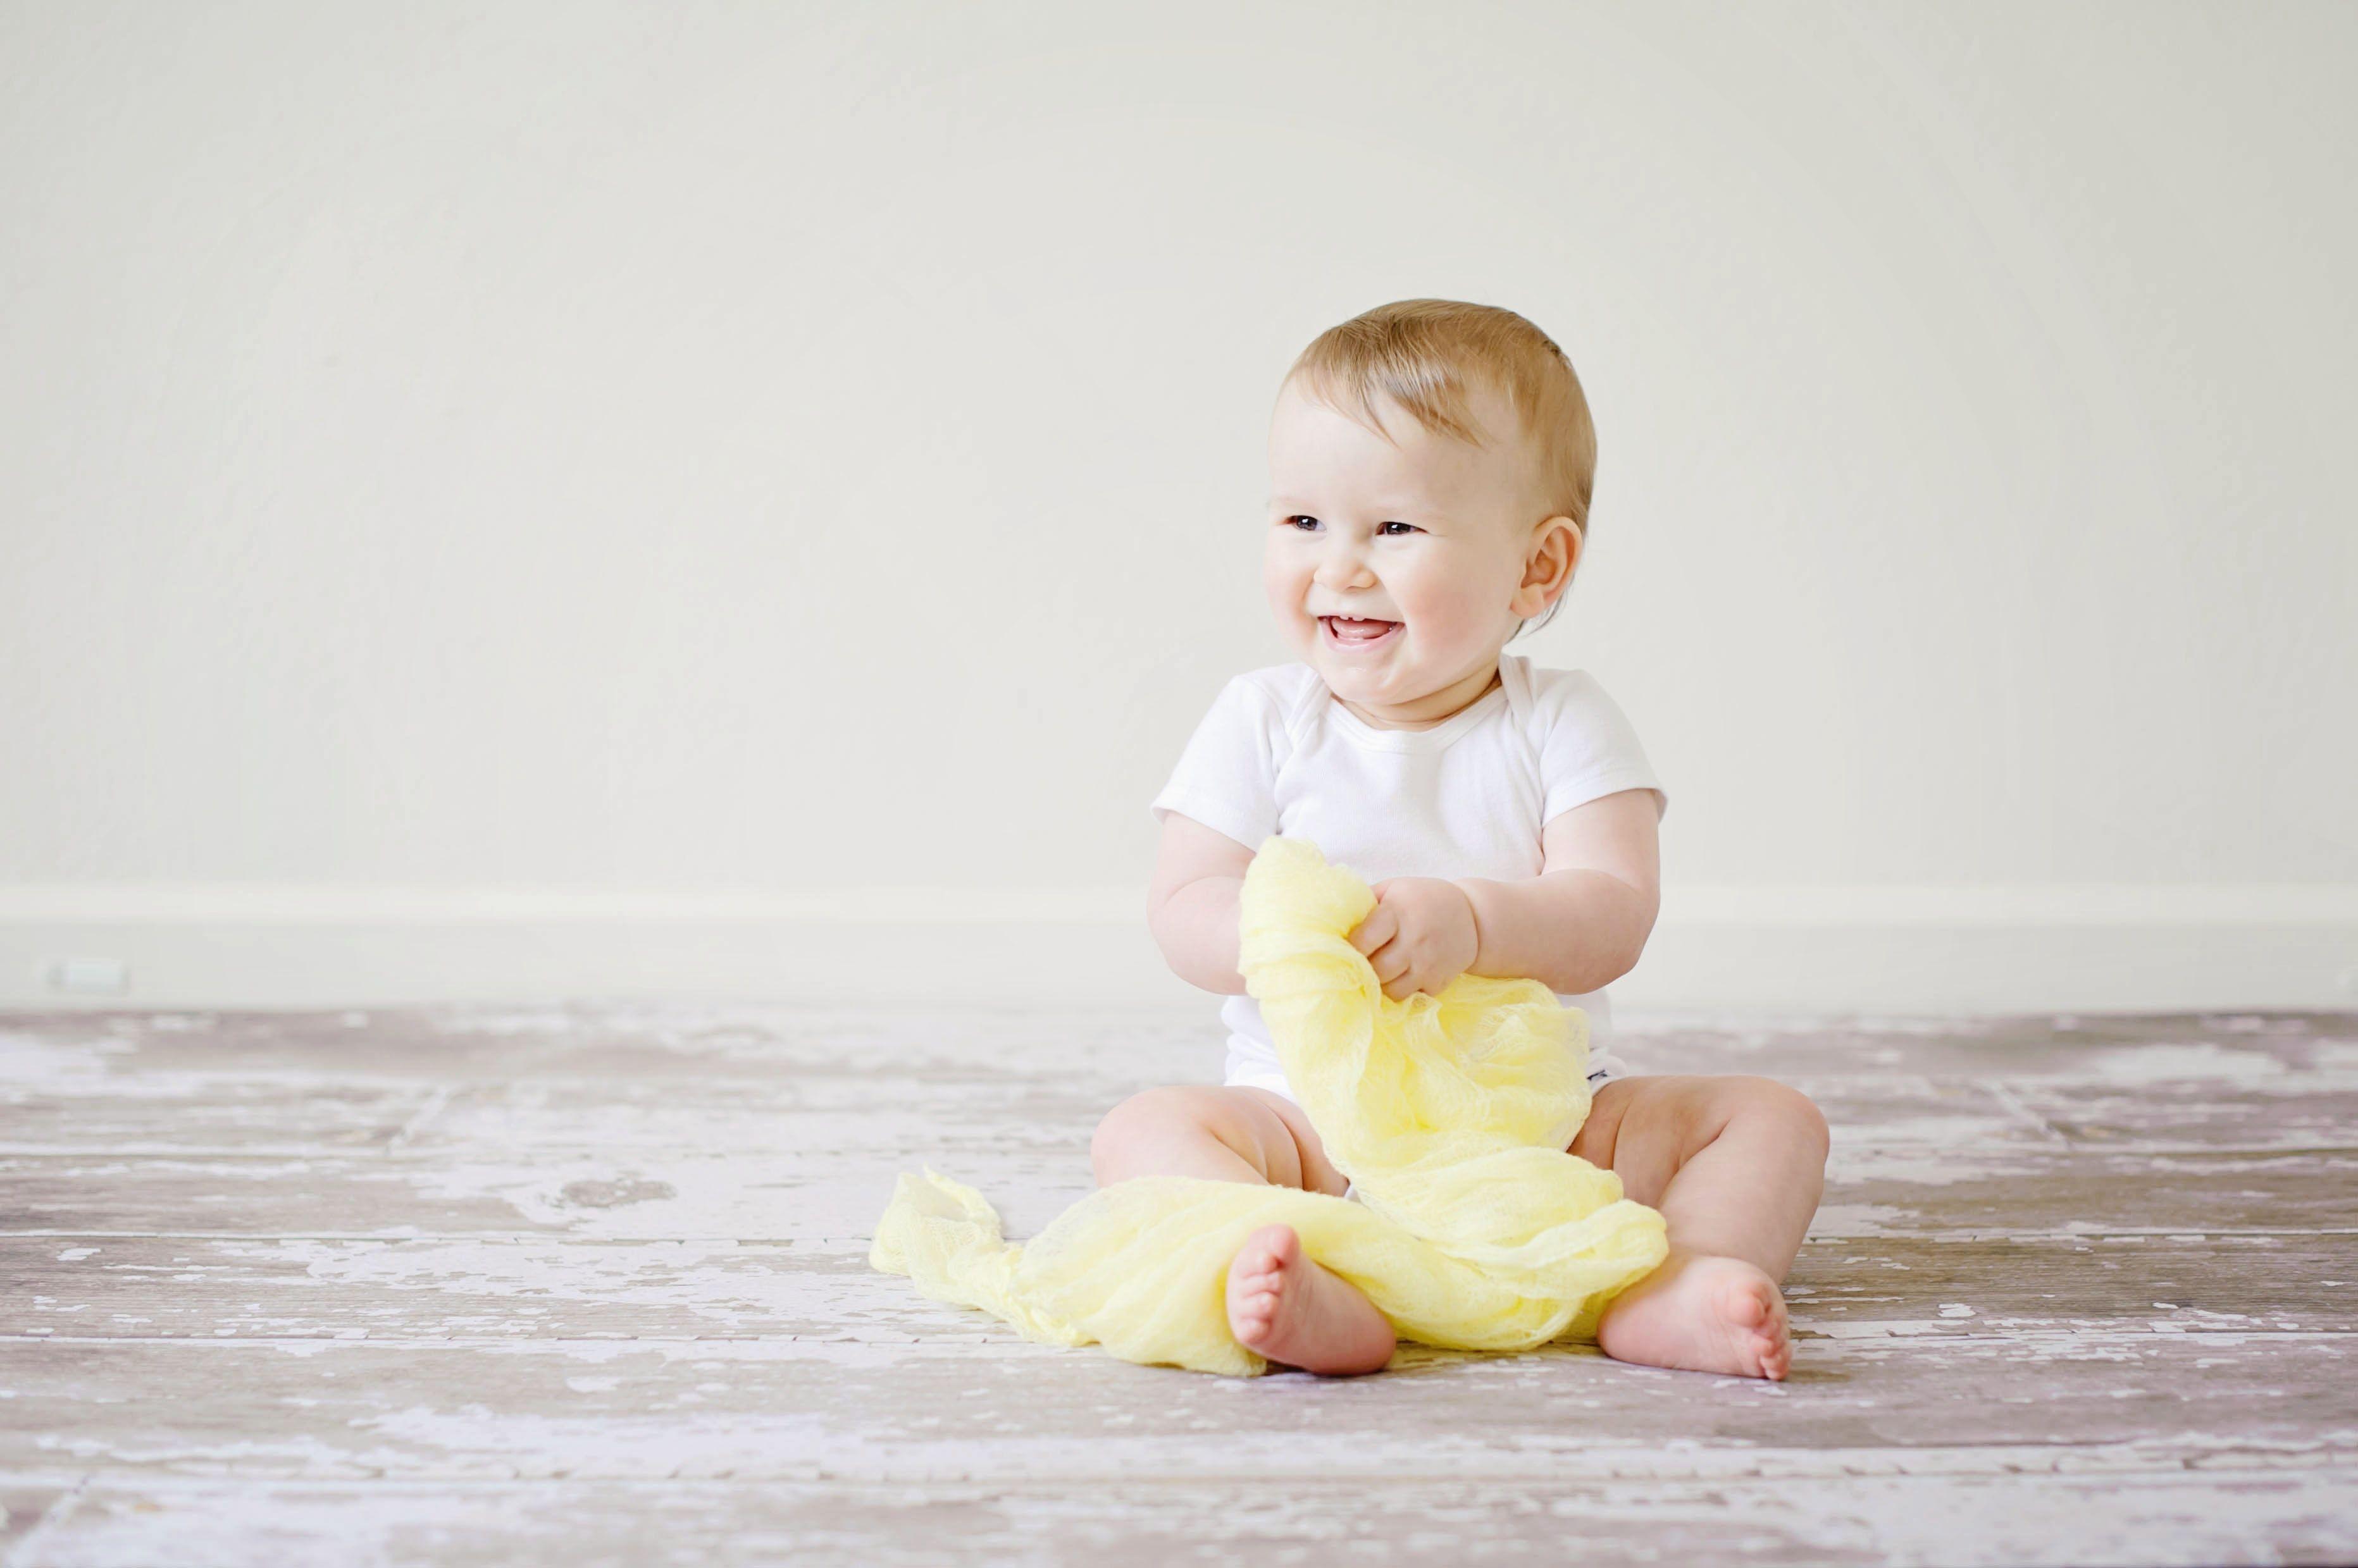 1. Jika anak terlihat tidak mengalami perkembangan sesuai tahapan normal, maka bisa jadi anak mengalami keterlambatan